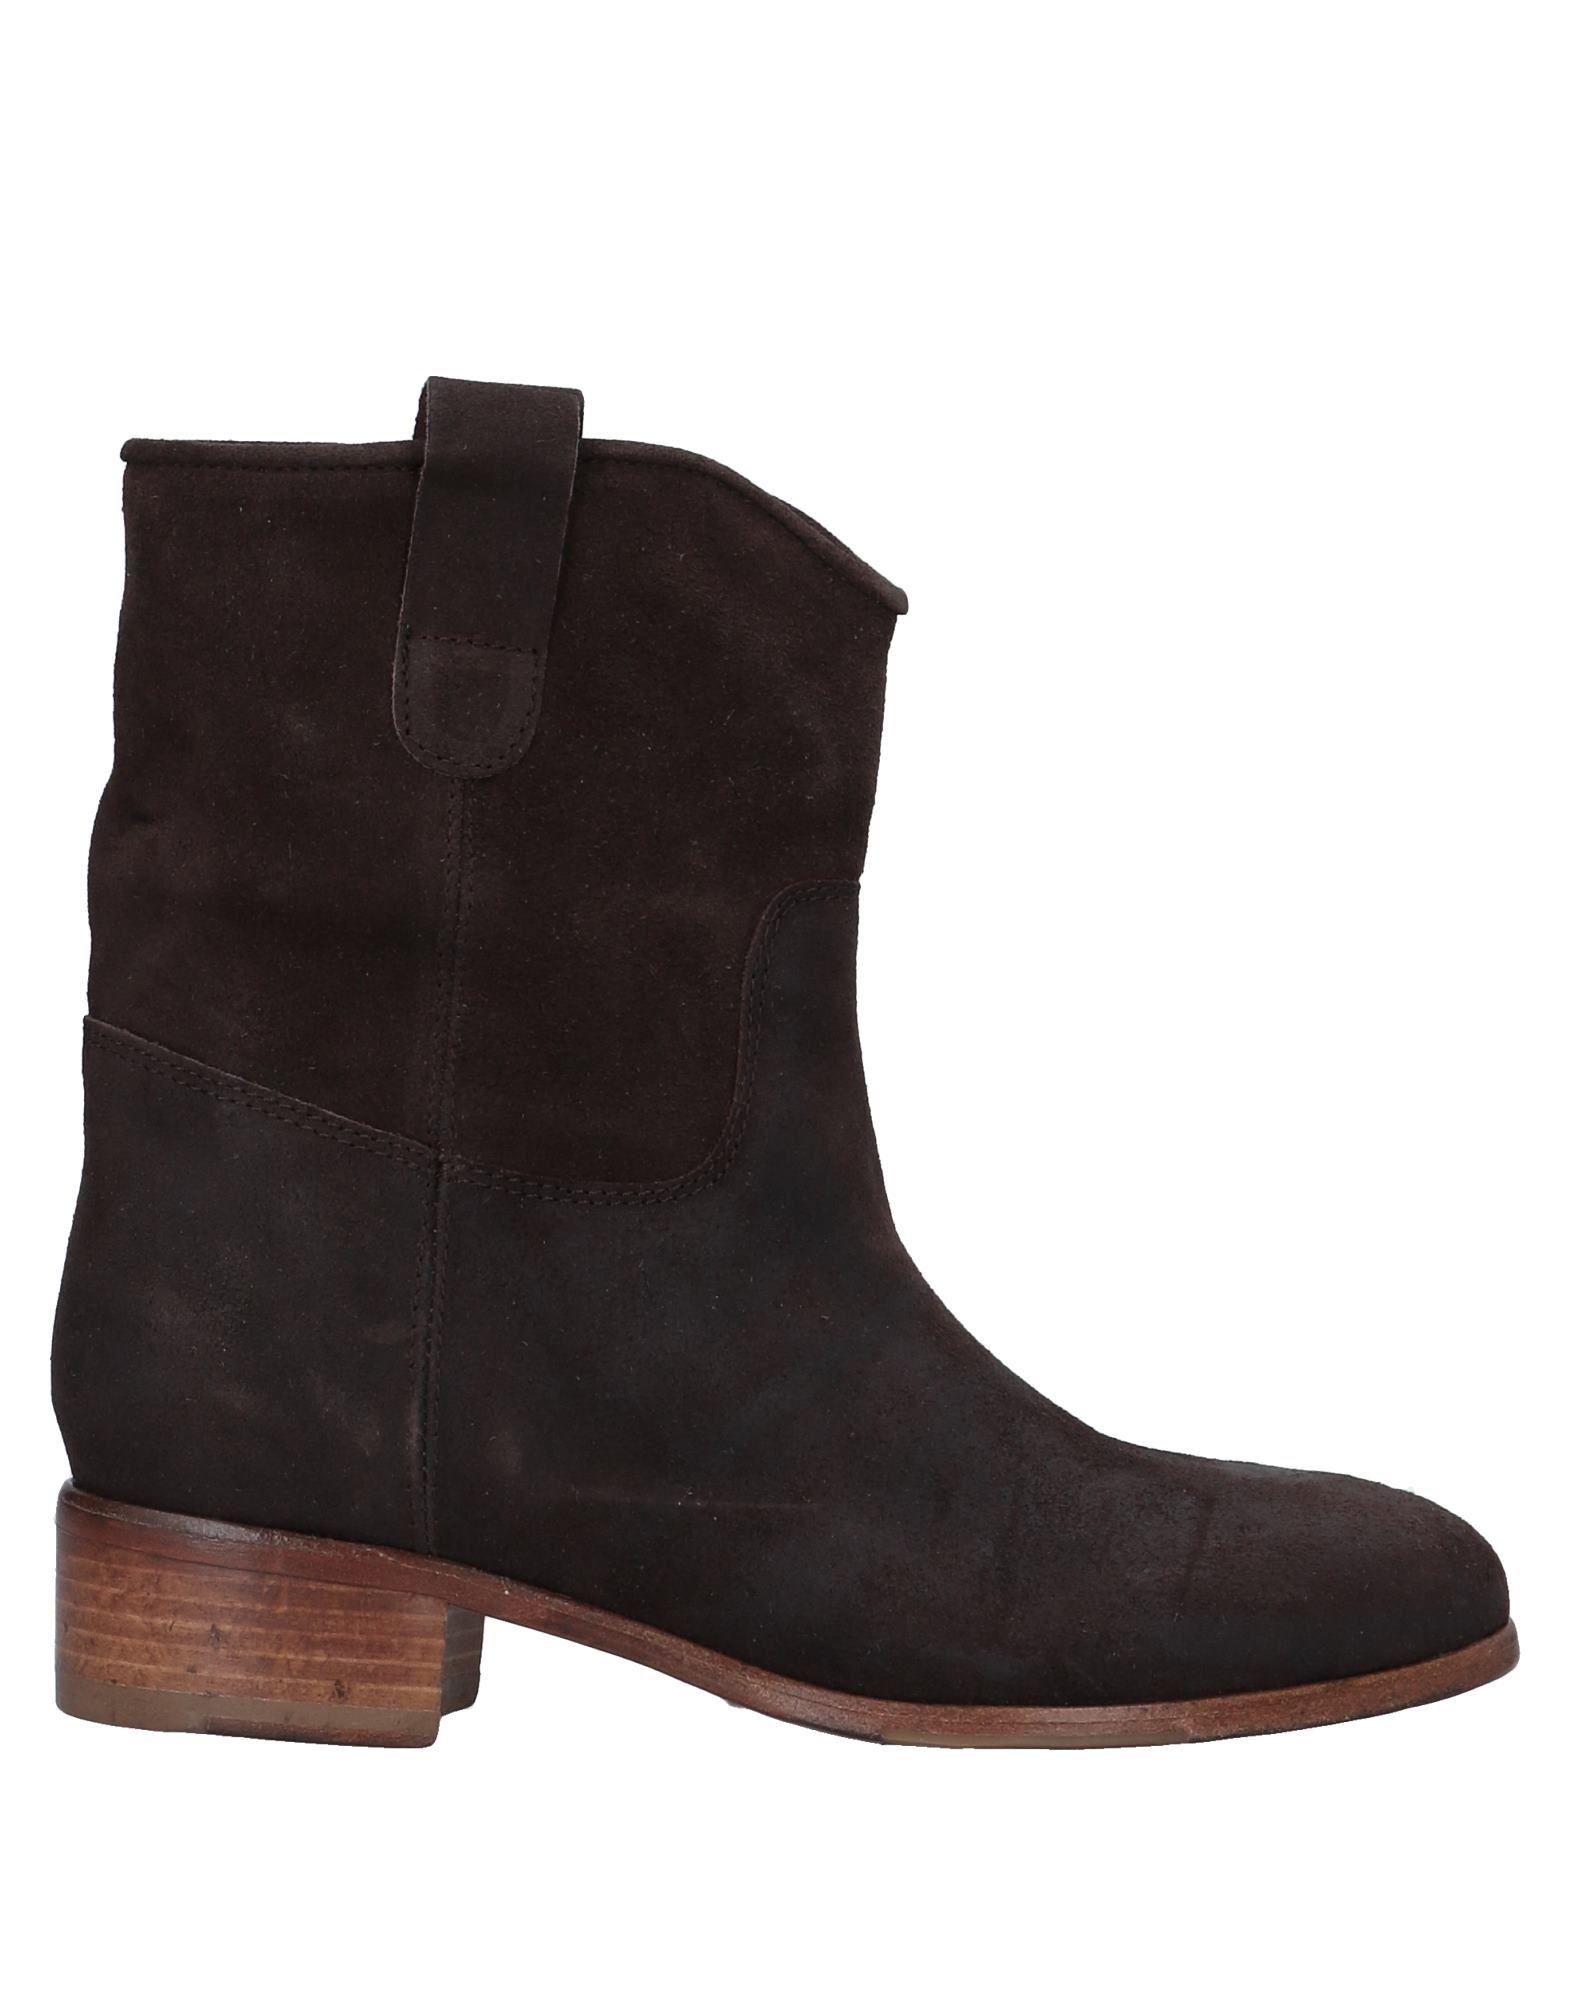 El Campero Stiefelette Damen  11544586WXGut aussehende strapazierfähige Schuhe